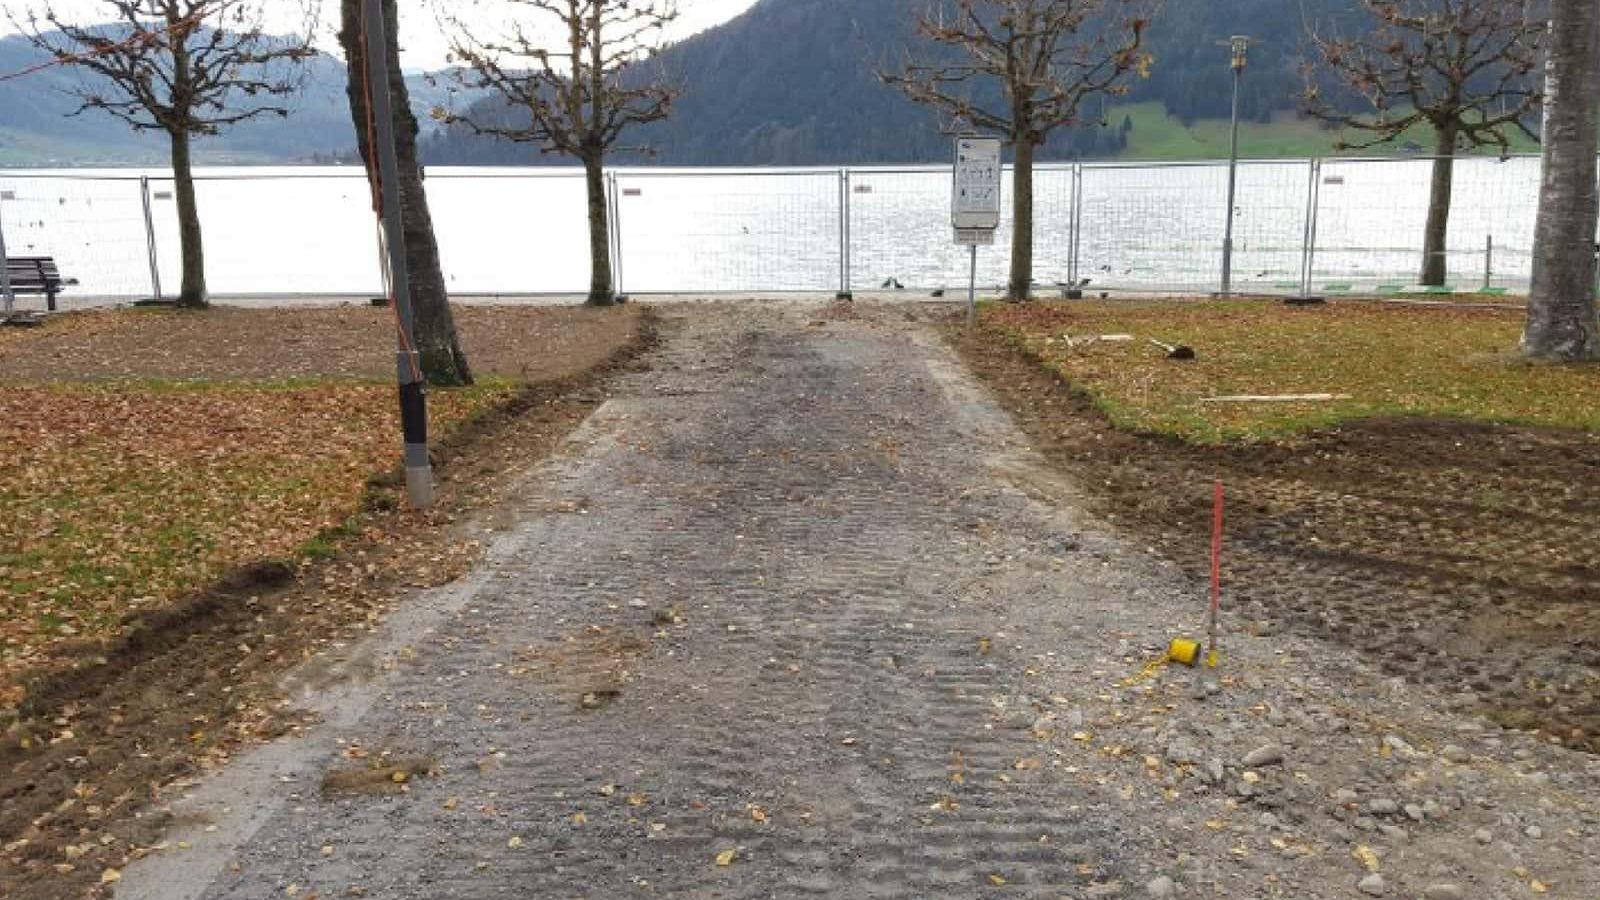 Seeufergestaltung Oberaegeri Beläge Bäume